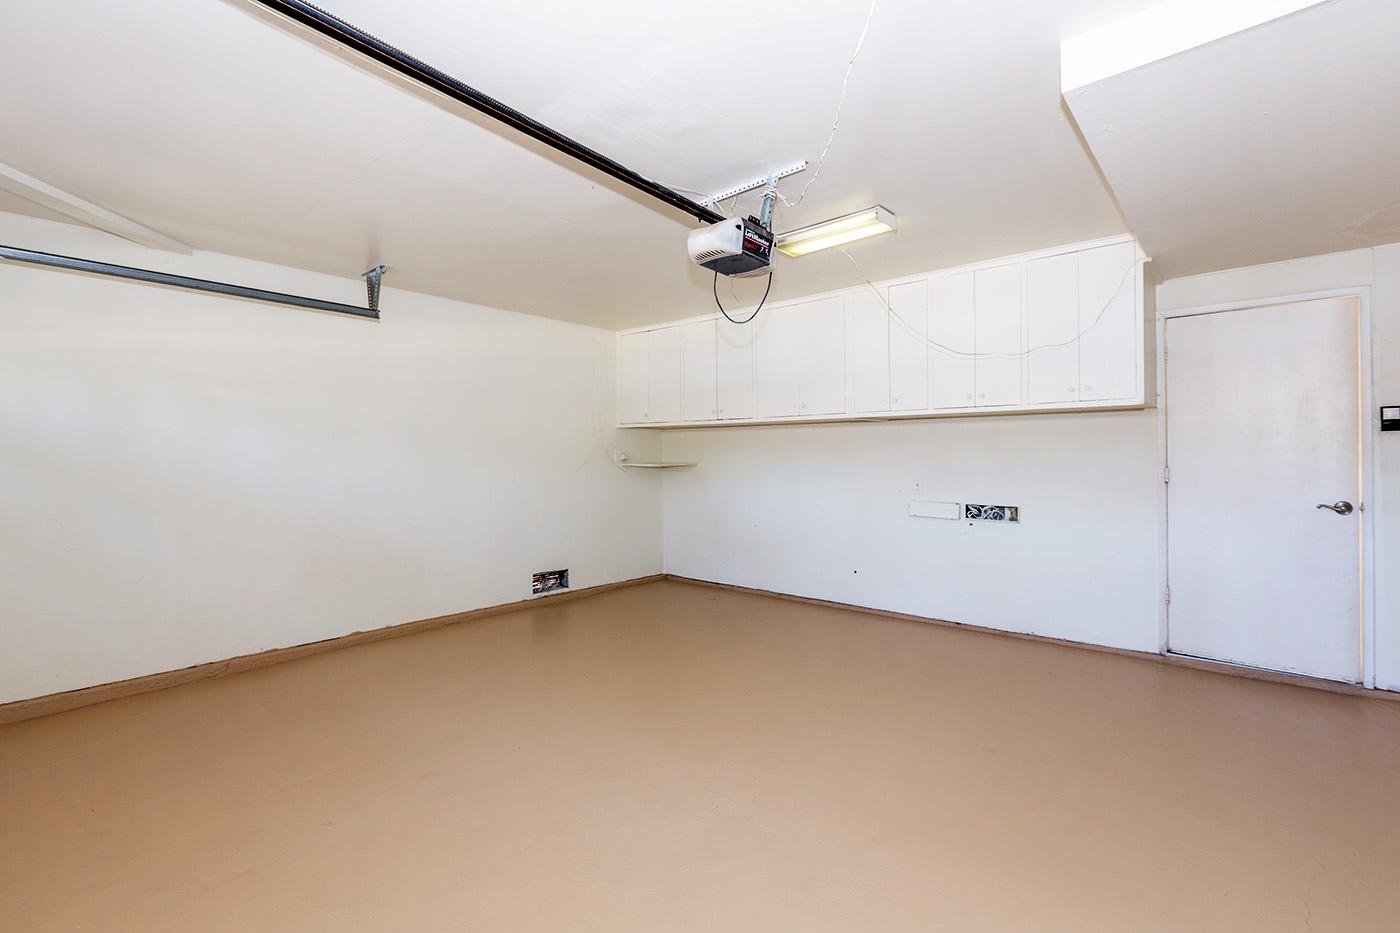 14 garage.jpg